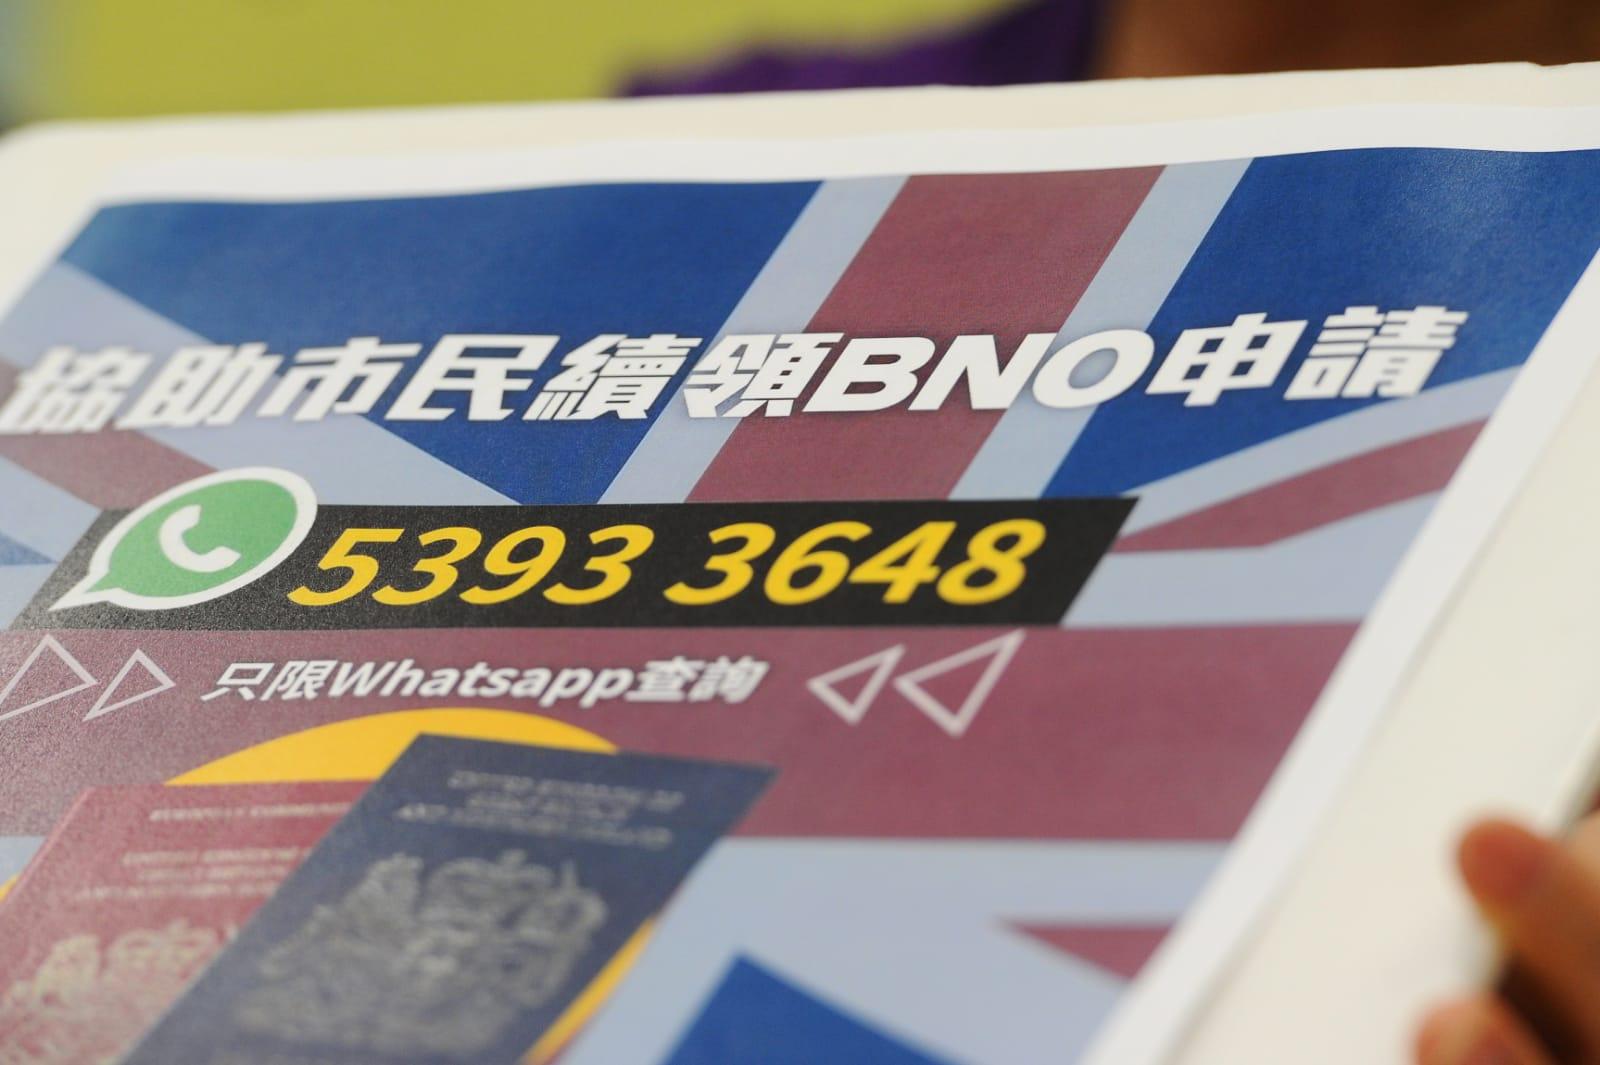 觀塘區議員梁翊婷表示,民主黨收到超過2,500個有關BNO的求助個案,由於求助人數眾多,民主黨因此設立了「協助市民續領BNO申請」Whatsapp專線(電話:5393 3648),希望可以幫助相關人士。(宋碧龍/大紀元)